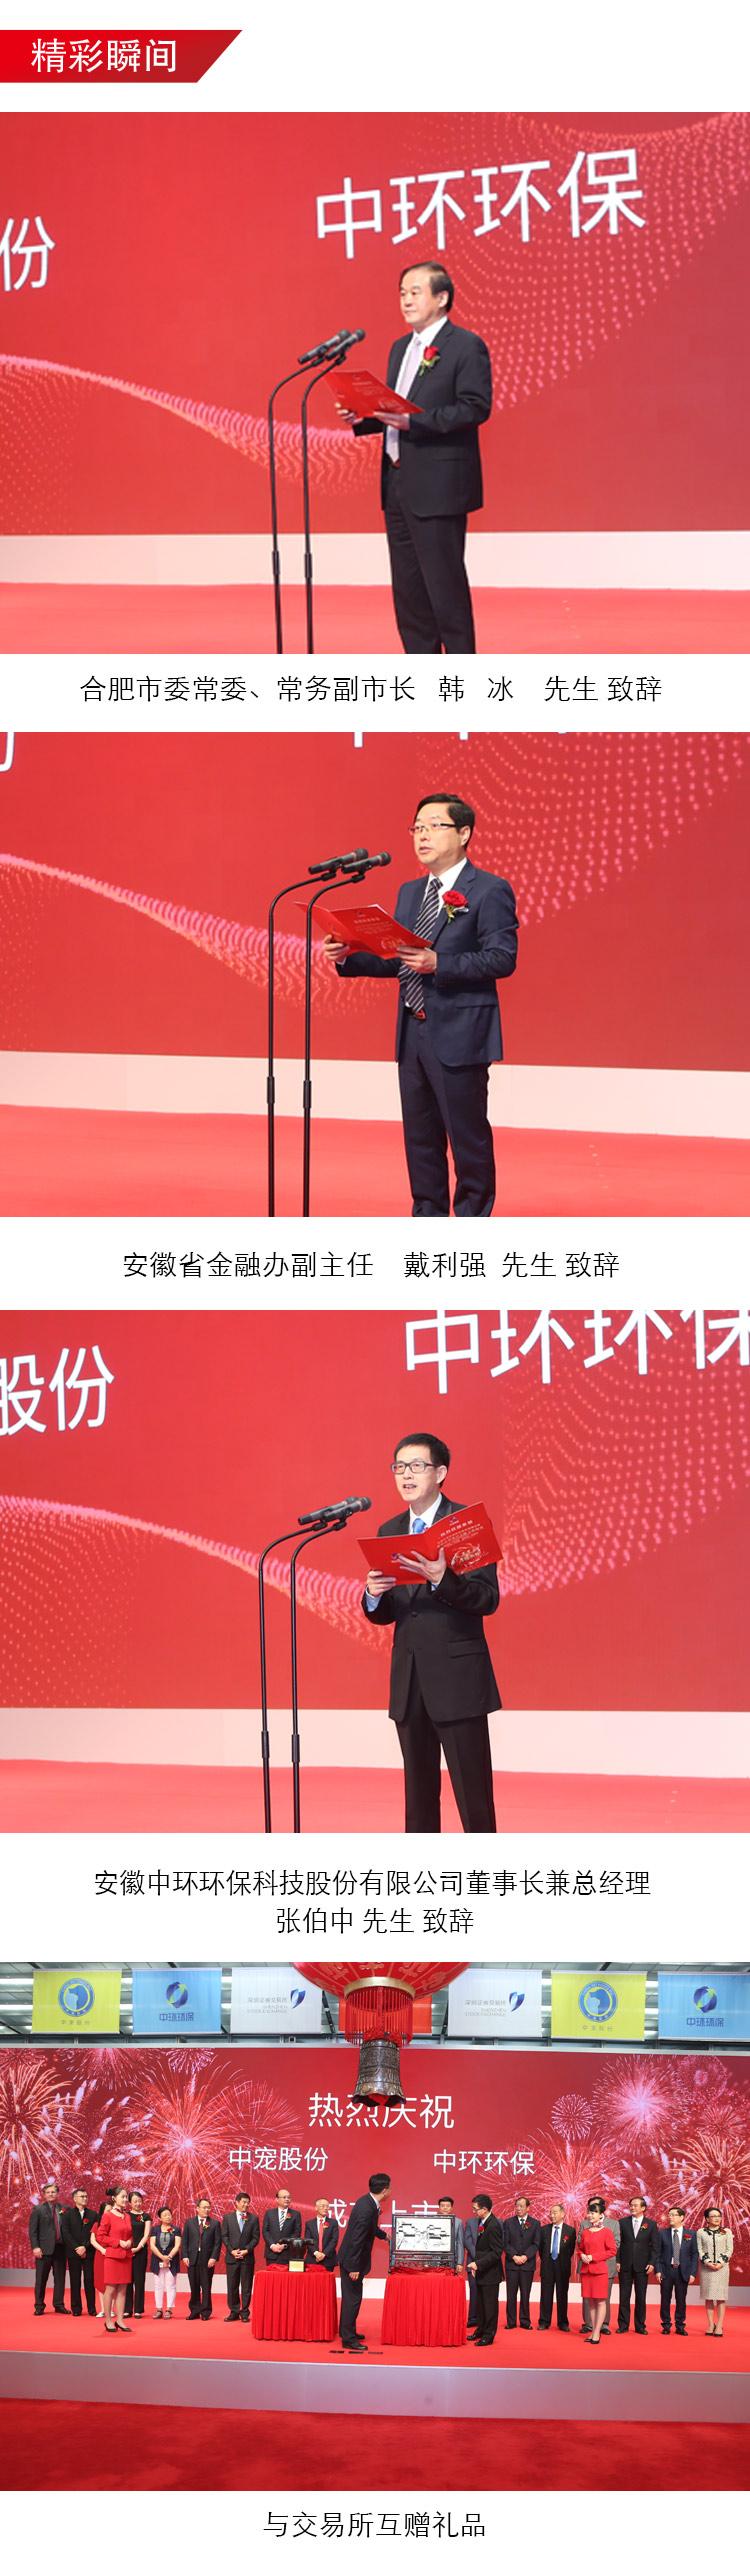 中环环保-上市海报_05.jpg